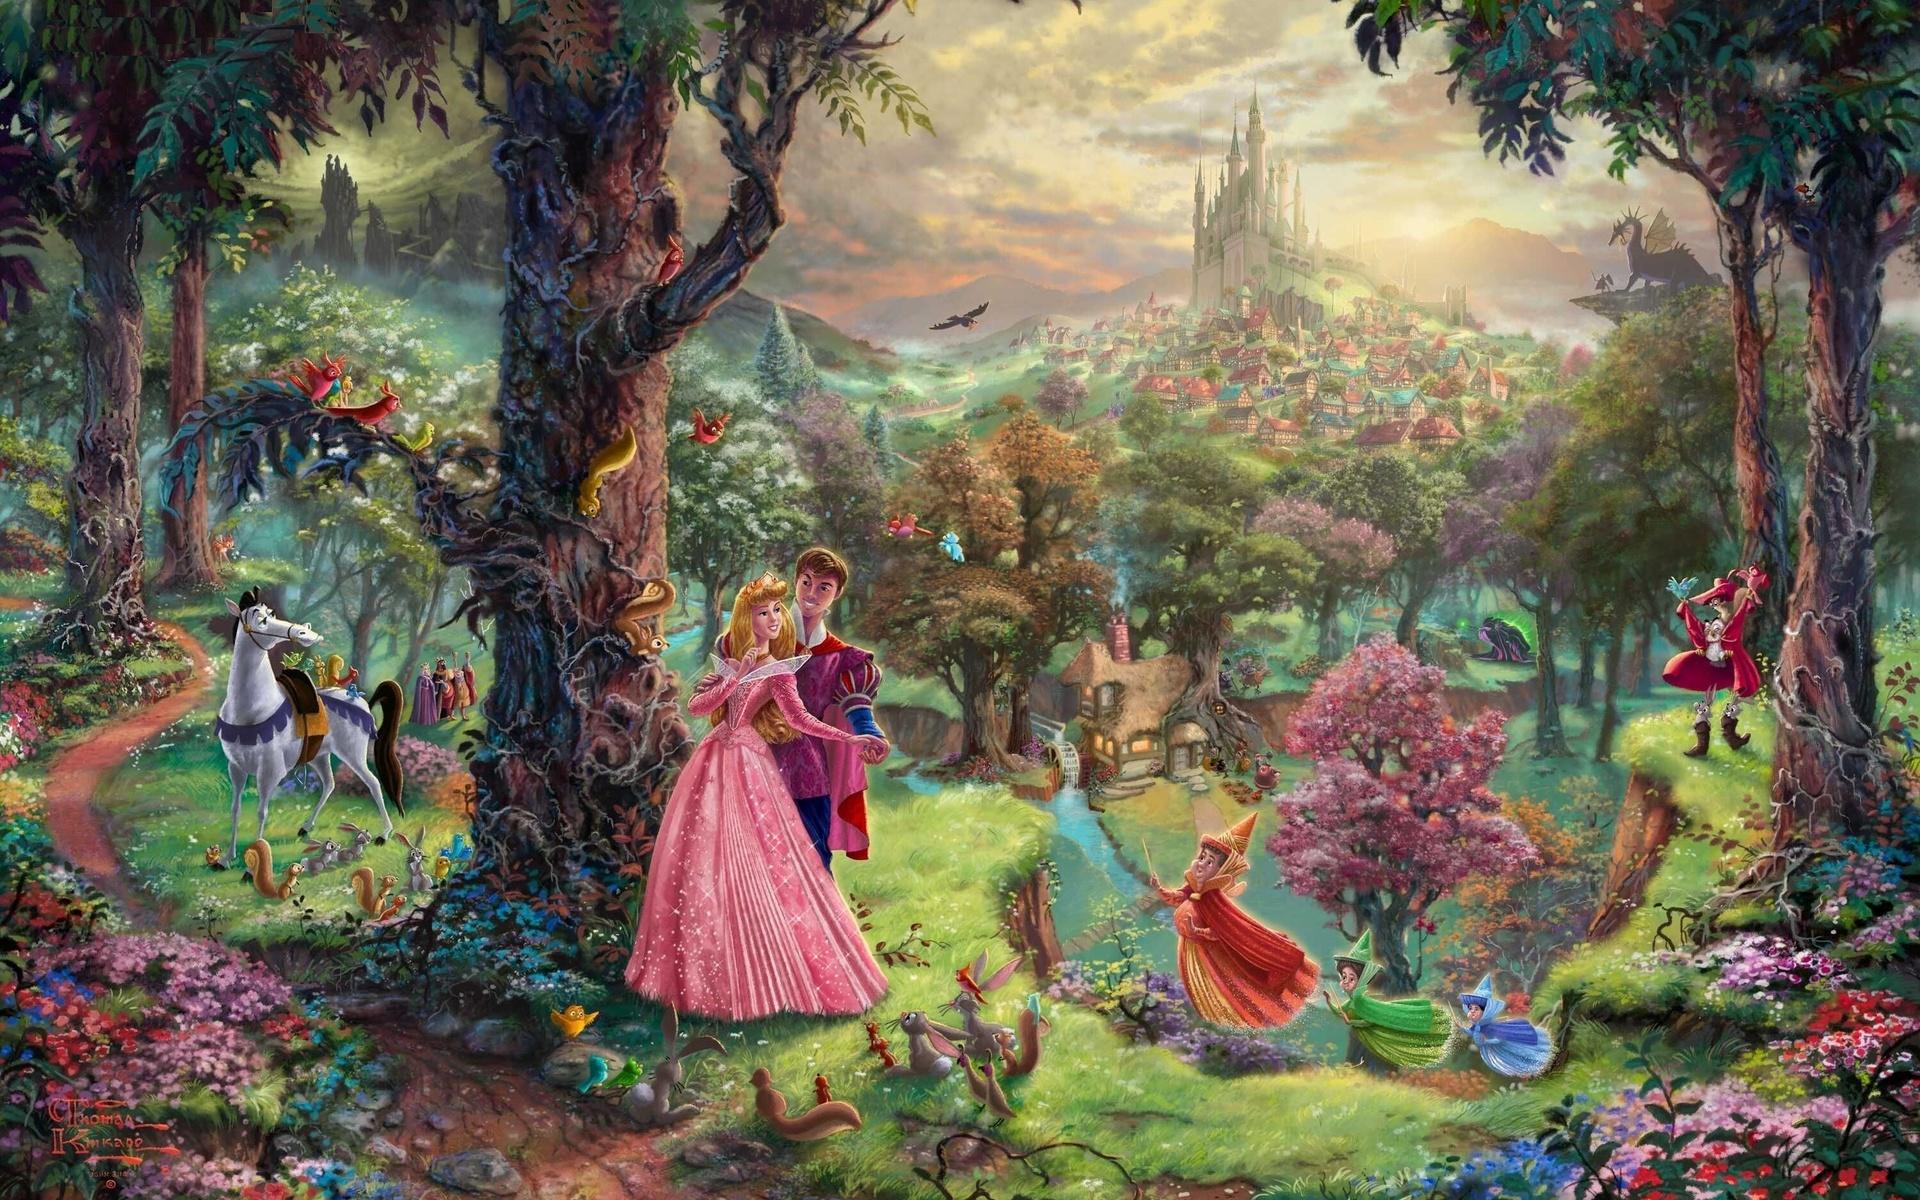 Картинки со сказочными сюжетами, картинки надписями поздравление